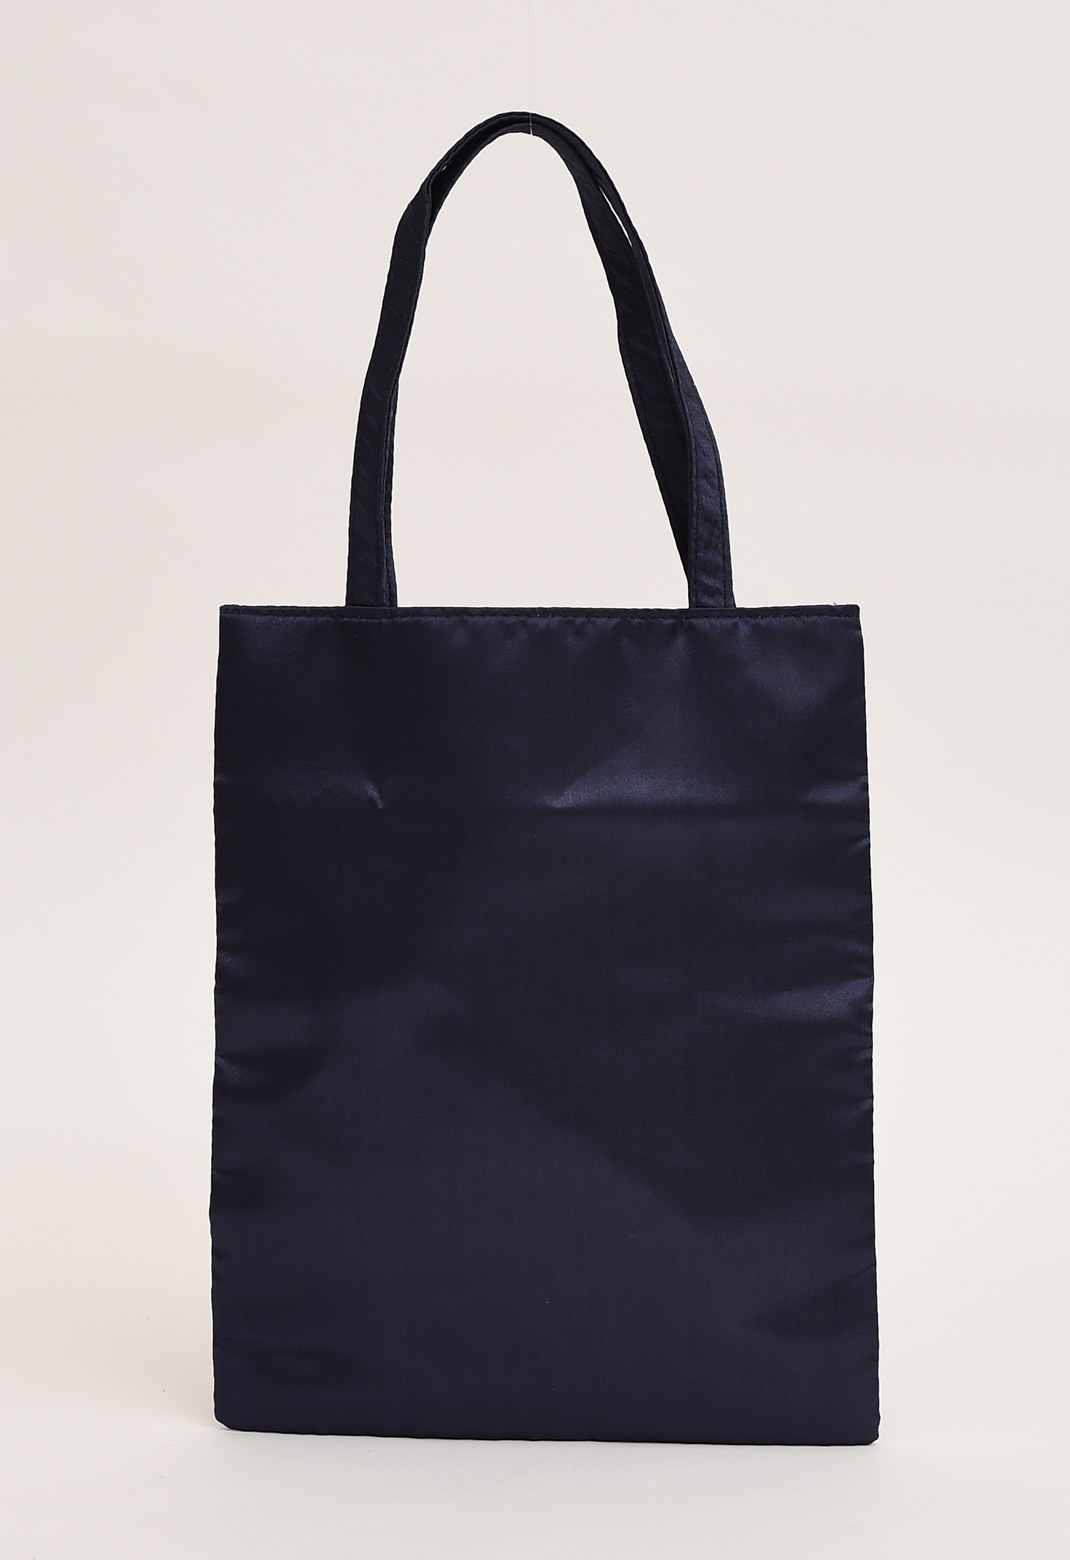 【オンライン限定】サテン ミニ トート サブ バッグ